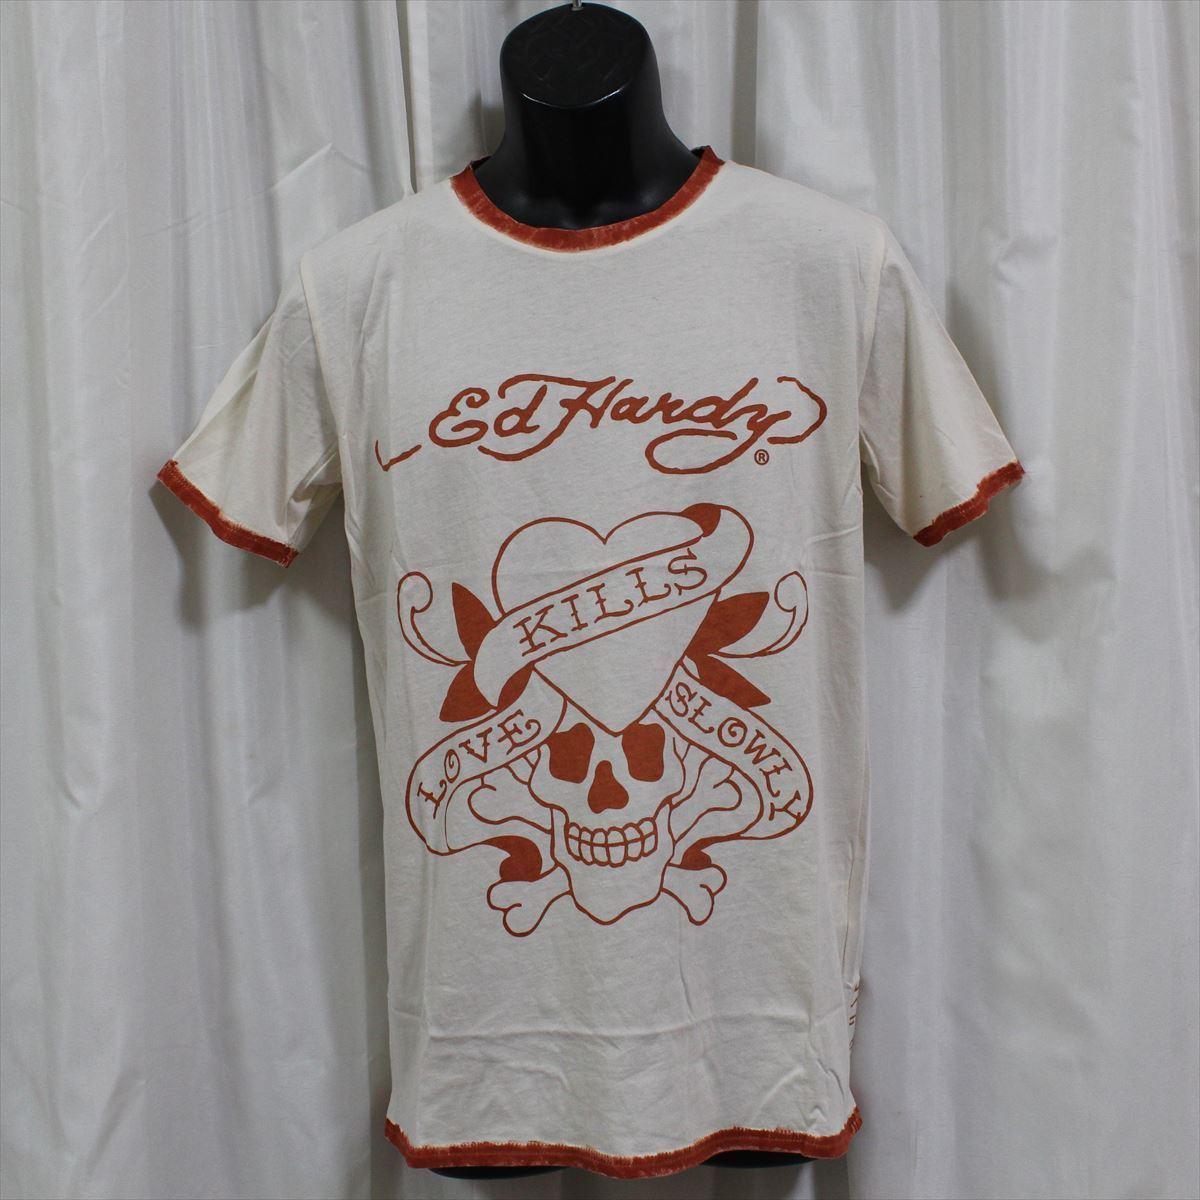 エドハーディー ED HARDY メンズ半袖Tシャツ Sサイズ M02SPR052 LOVE KILLS SLOWLY 新品 オレンジ_画像1